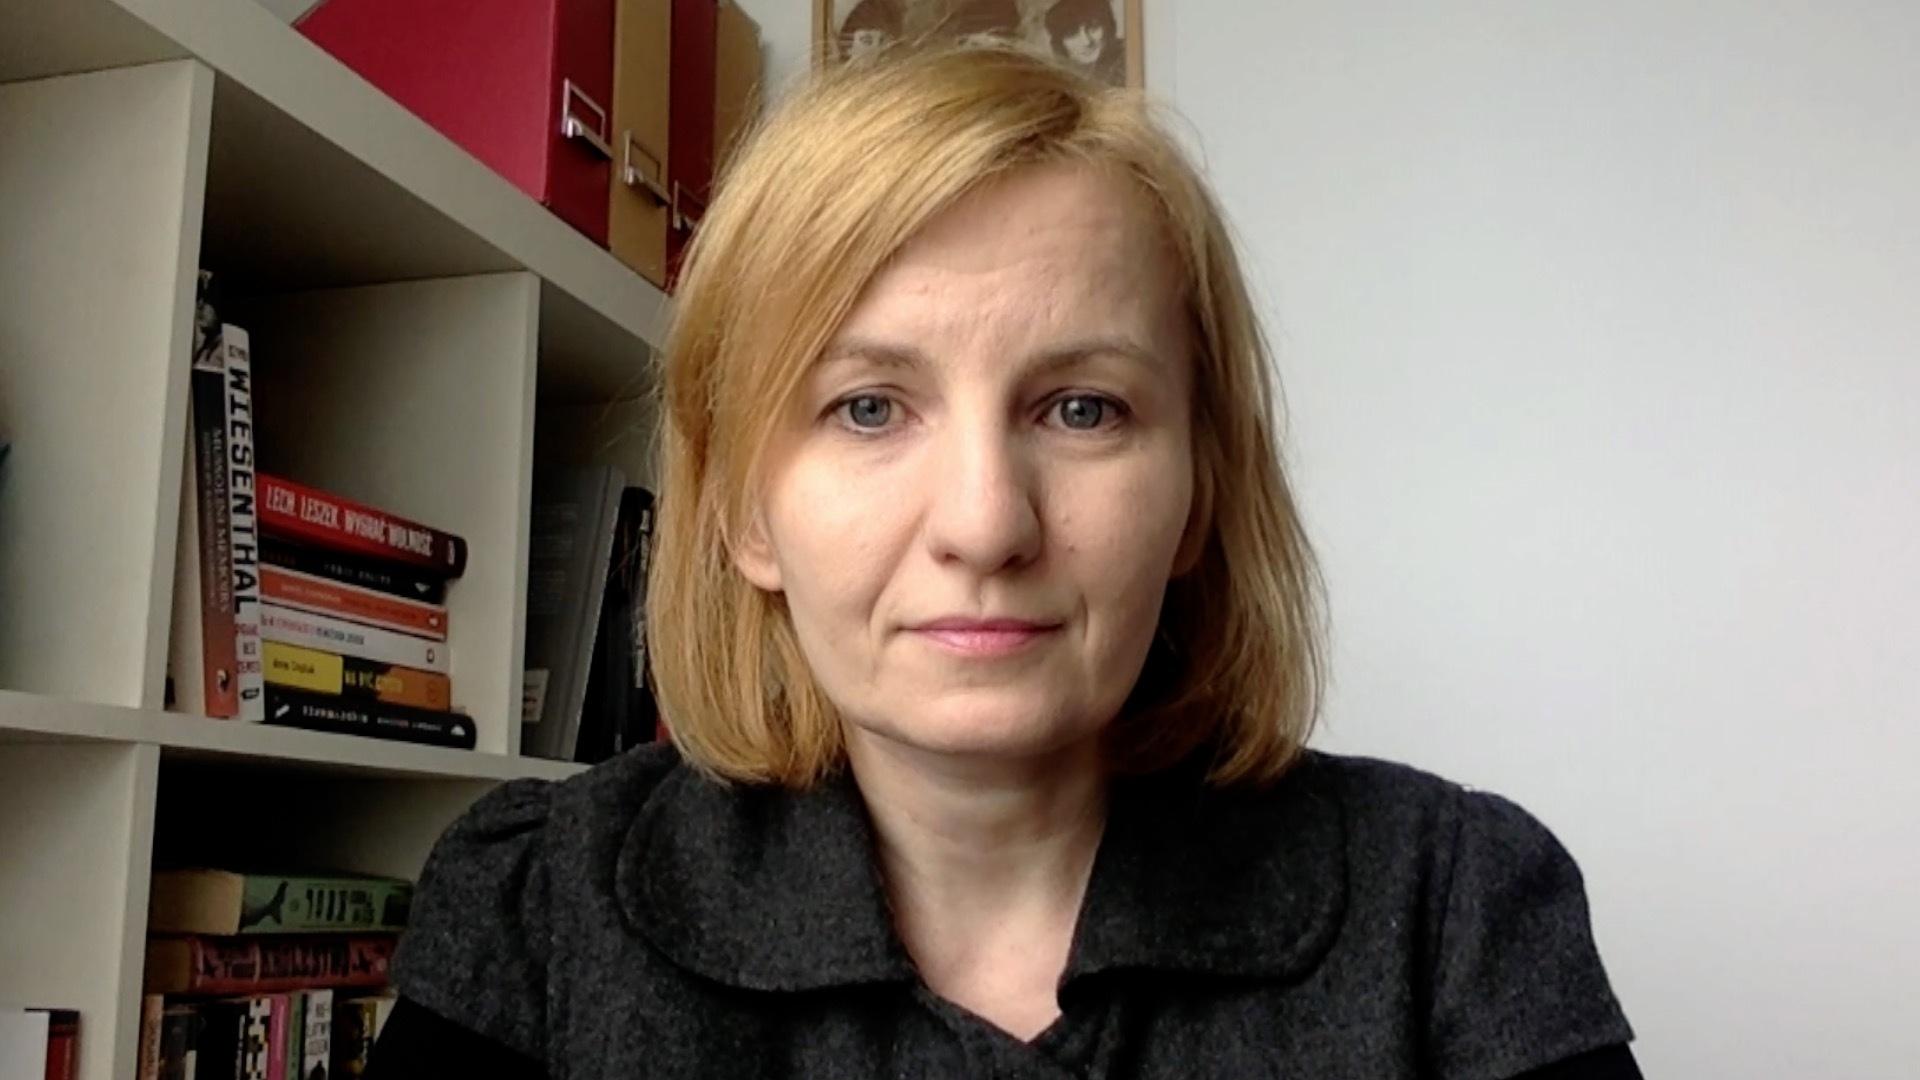 Beata Biel z Konkret24 o tym, jak unikać fake newsów na temat koronawirusa